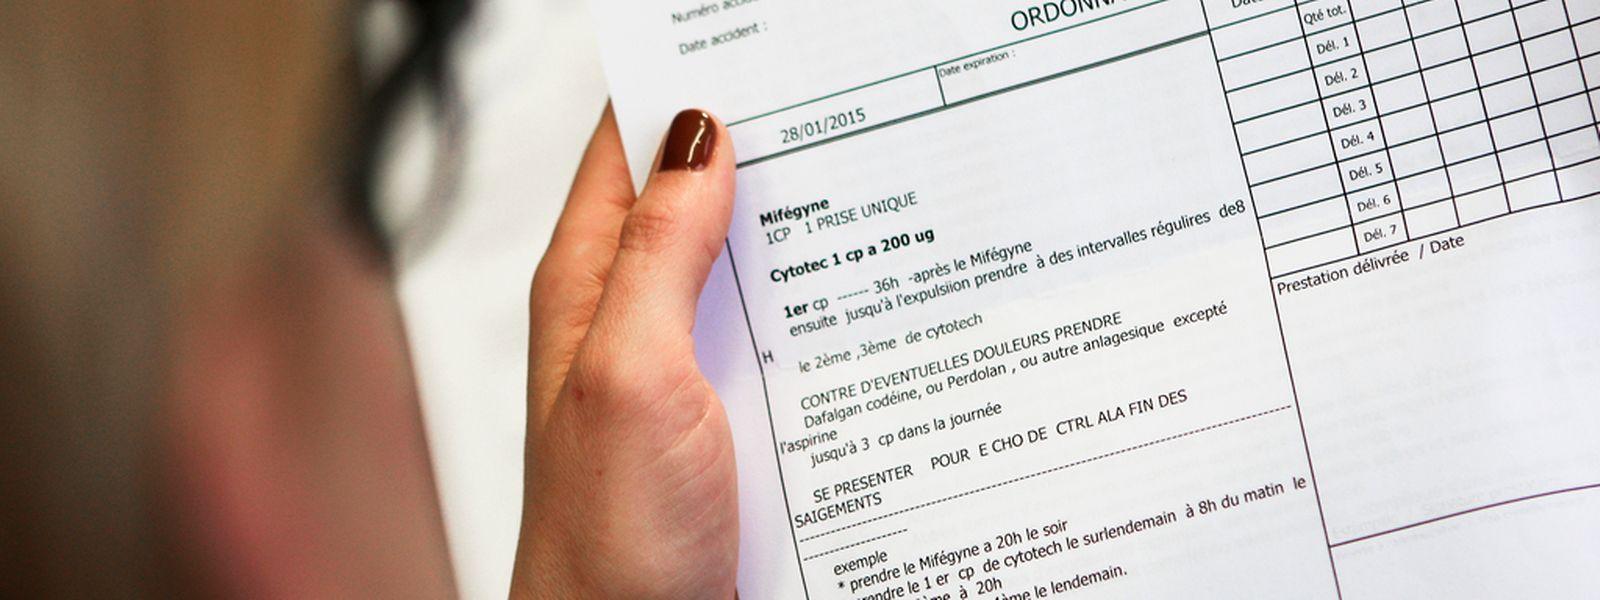 La plupart des IVG pratiquées au Luxembourg se font par médicaments, un phénomène que les codes de la CNS ne prennent pas en compte.